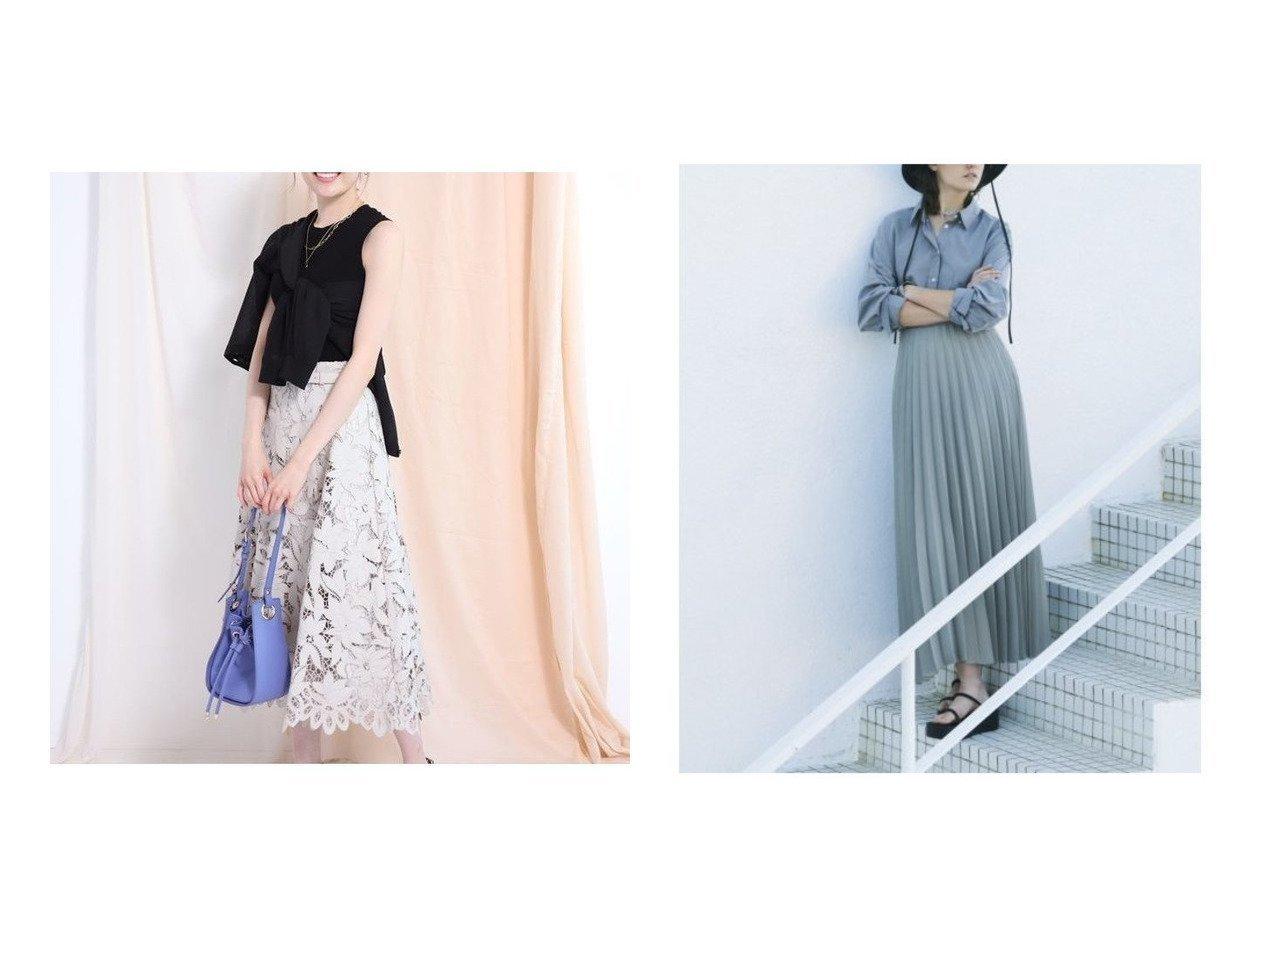 【Mila Owen/ミラオーウェン】のウエストコード太幅プリーツスカート&【Apuweiser-riche/アプワイザーリッシェ】のカットワークロングフレアスカート 【スカート】おすすめ!人気、トレンド・レディースファッションの通販 おすすめで人気の流行・トレンド、ファッションの通販商品 メンズファッション・キッズファッション・インテリア・家具・レディースファッション・服の通販 founy(ファニー) https://founy.com/ ファッション Fashion レディースファッション WOMEN スカート Skirt Aライン/フレアスカート Flared A-Line Skirts プリーツスカート Pleated Skirts エレガント ギャザー フレア モチーフ ロング S/S・春夏 SS・Spring/Summer スマート プリーツ リラックス 今季 定番 Standard 春 Spring |ID:crp329100000035434